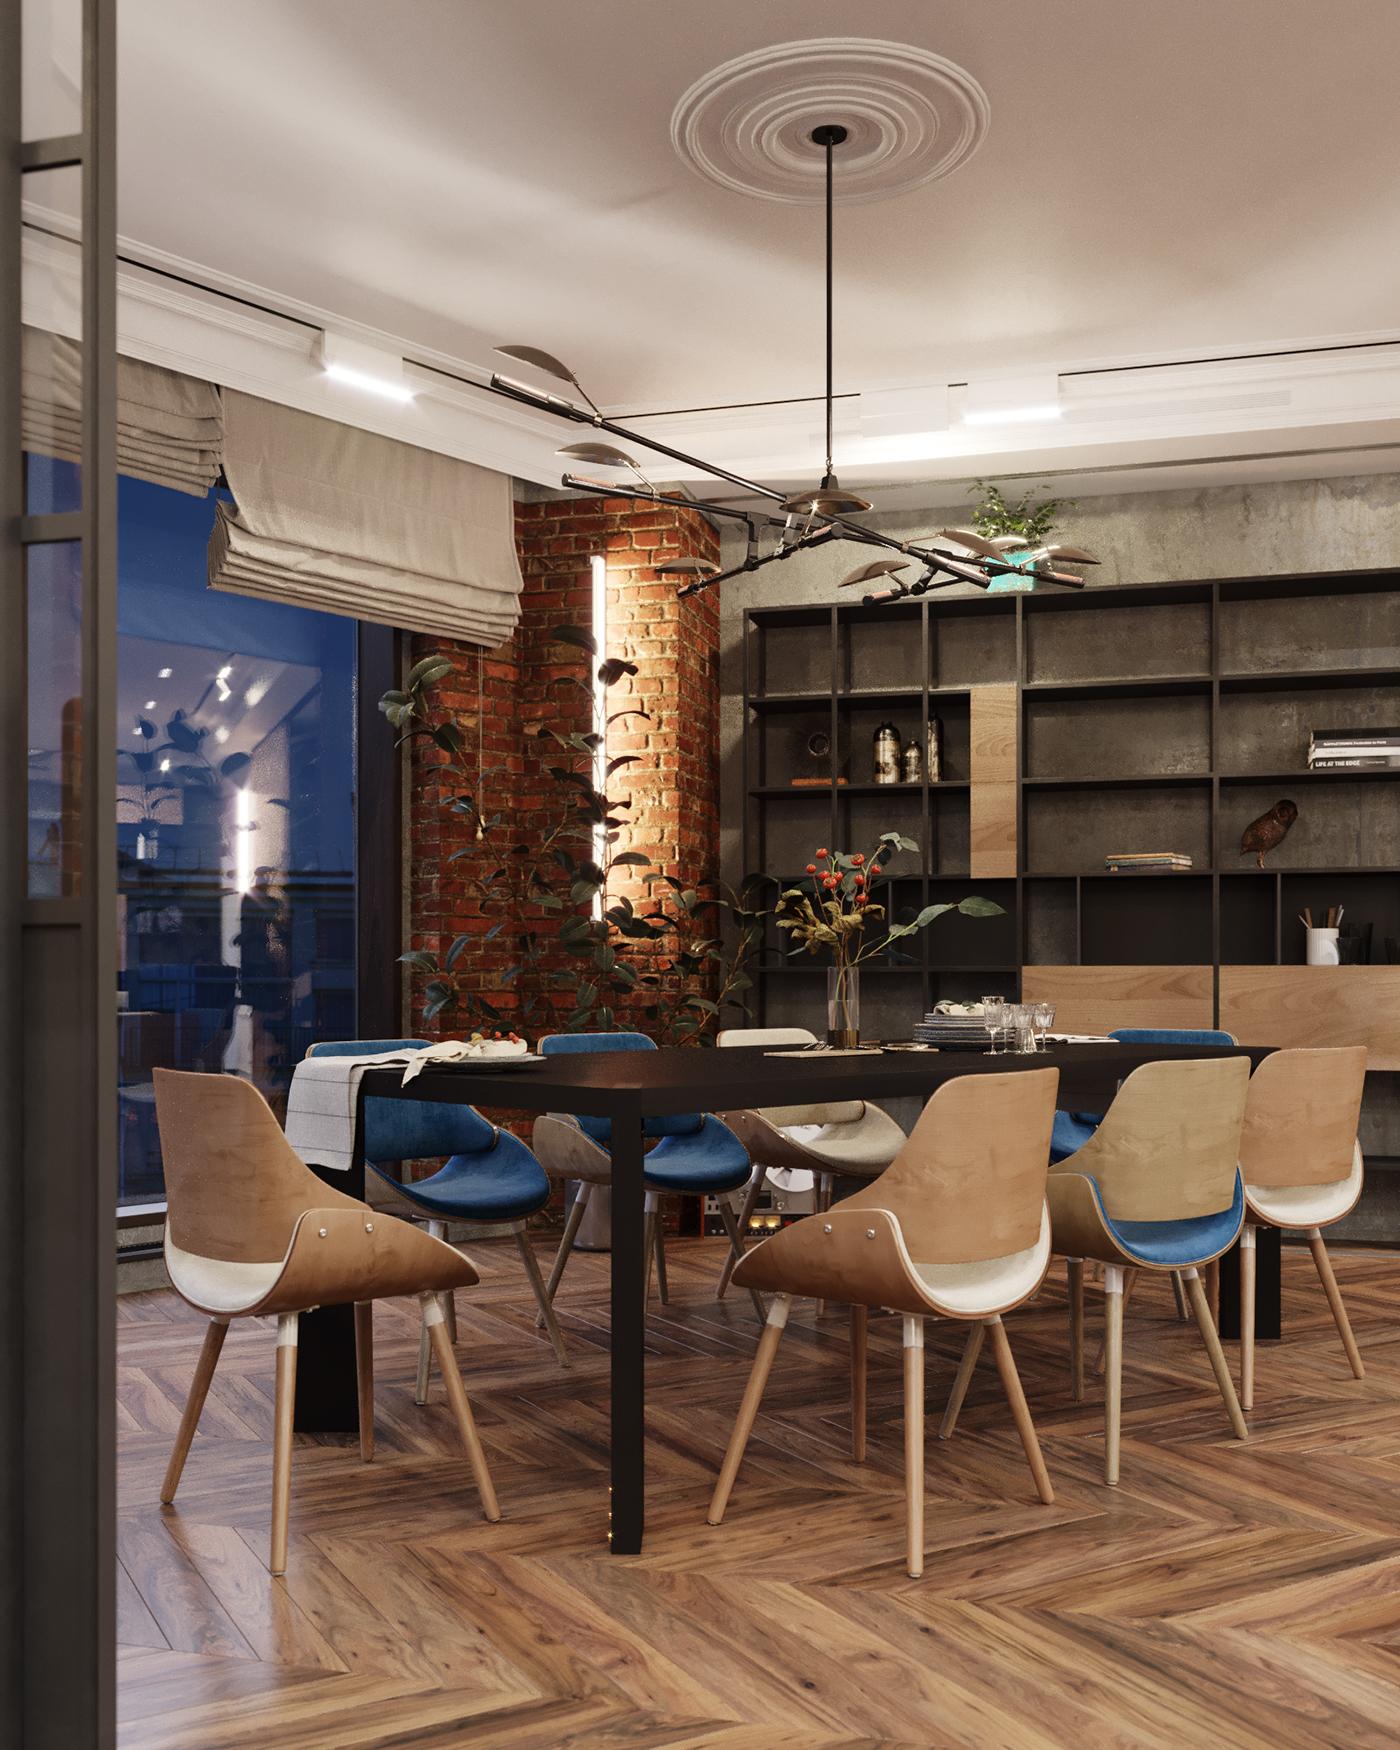 neoclassic Interior LOFT modern design coronarenderer